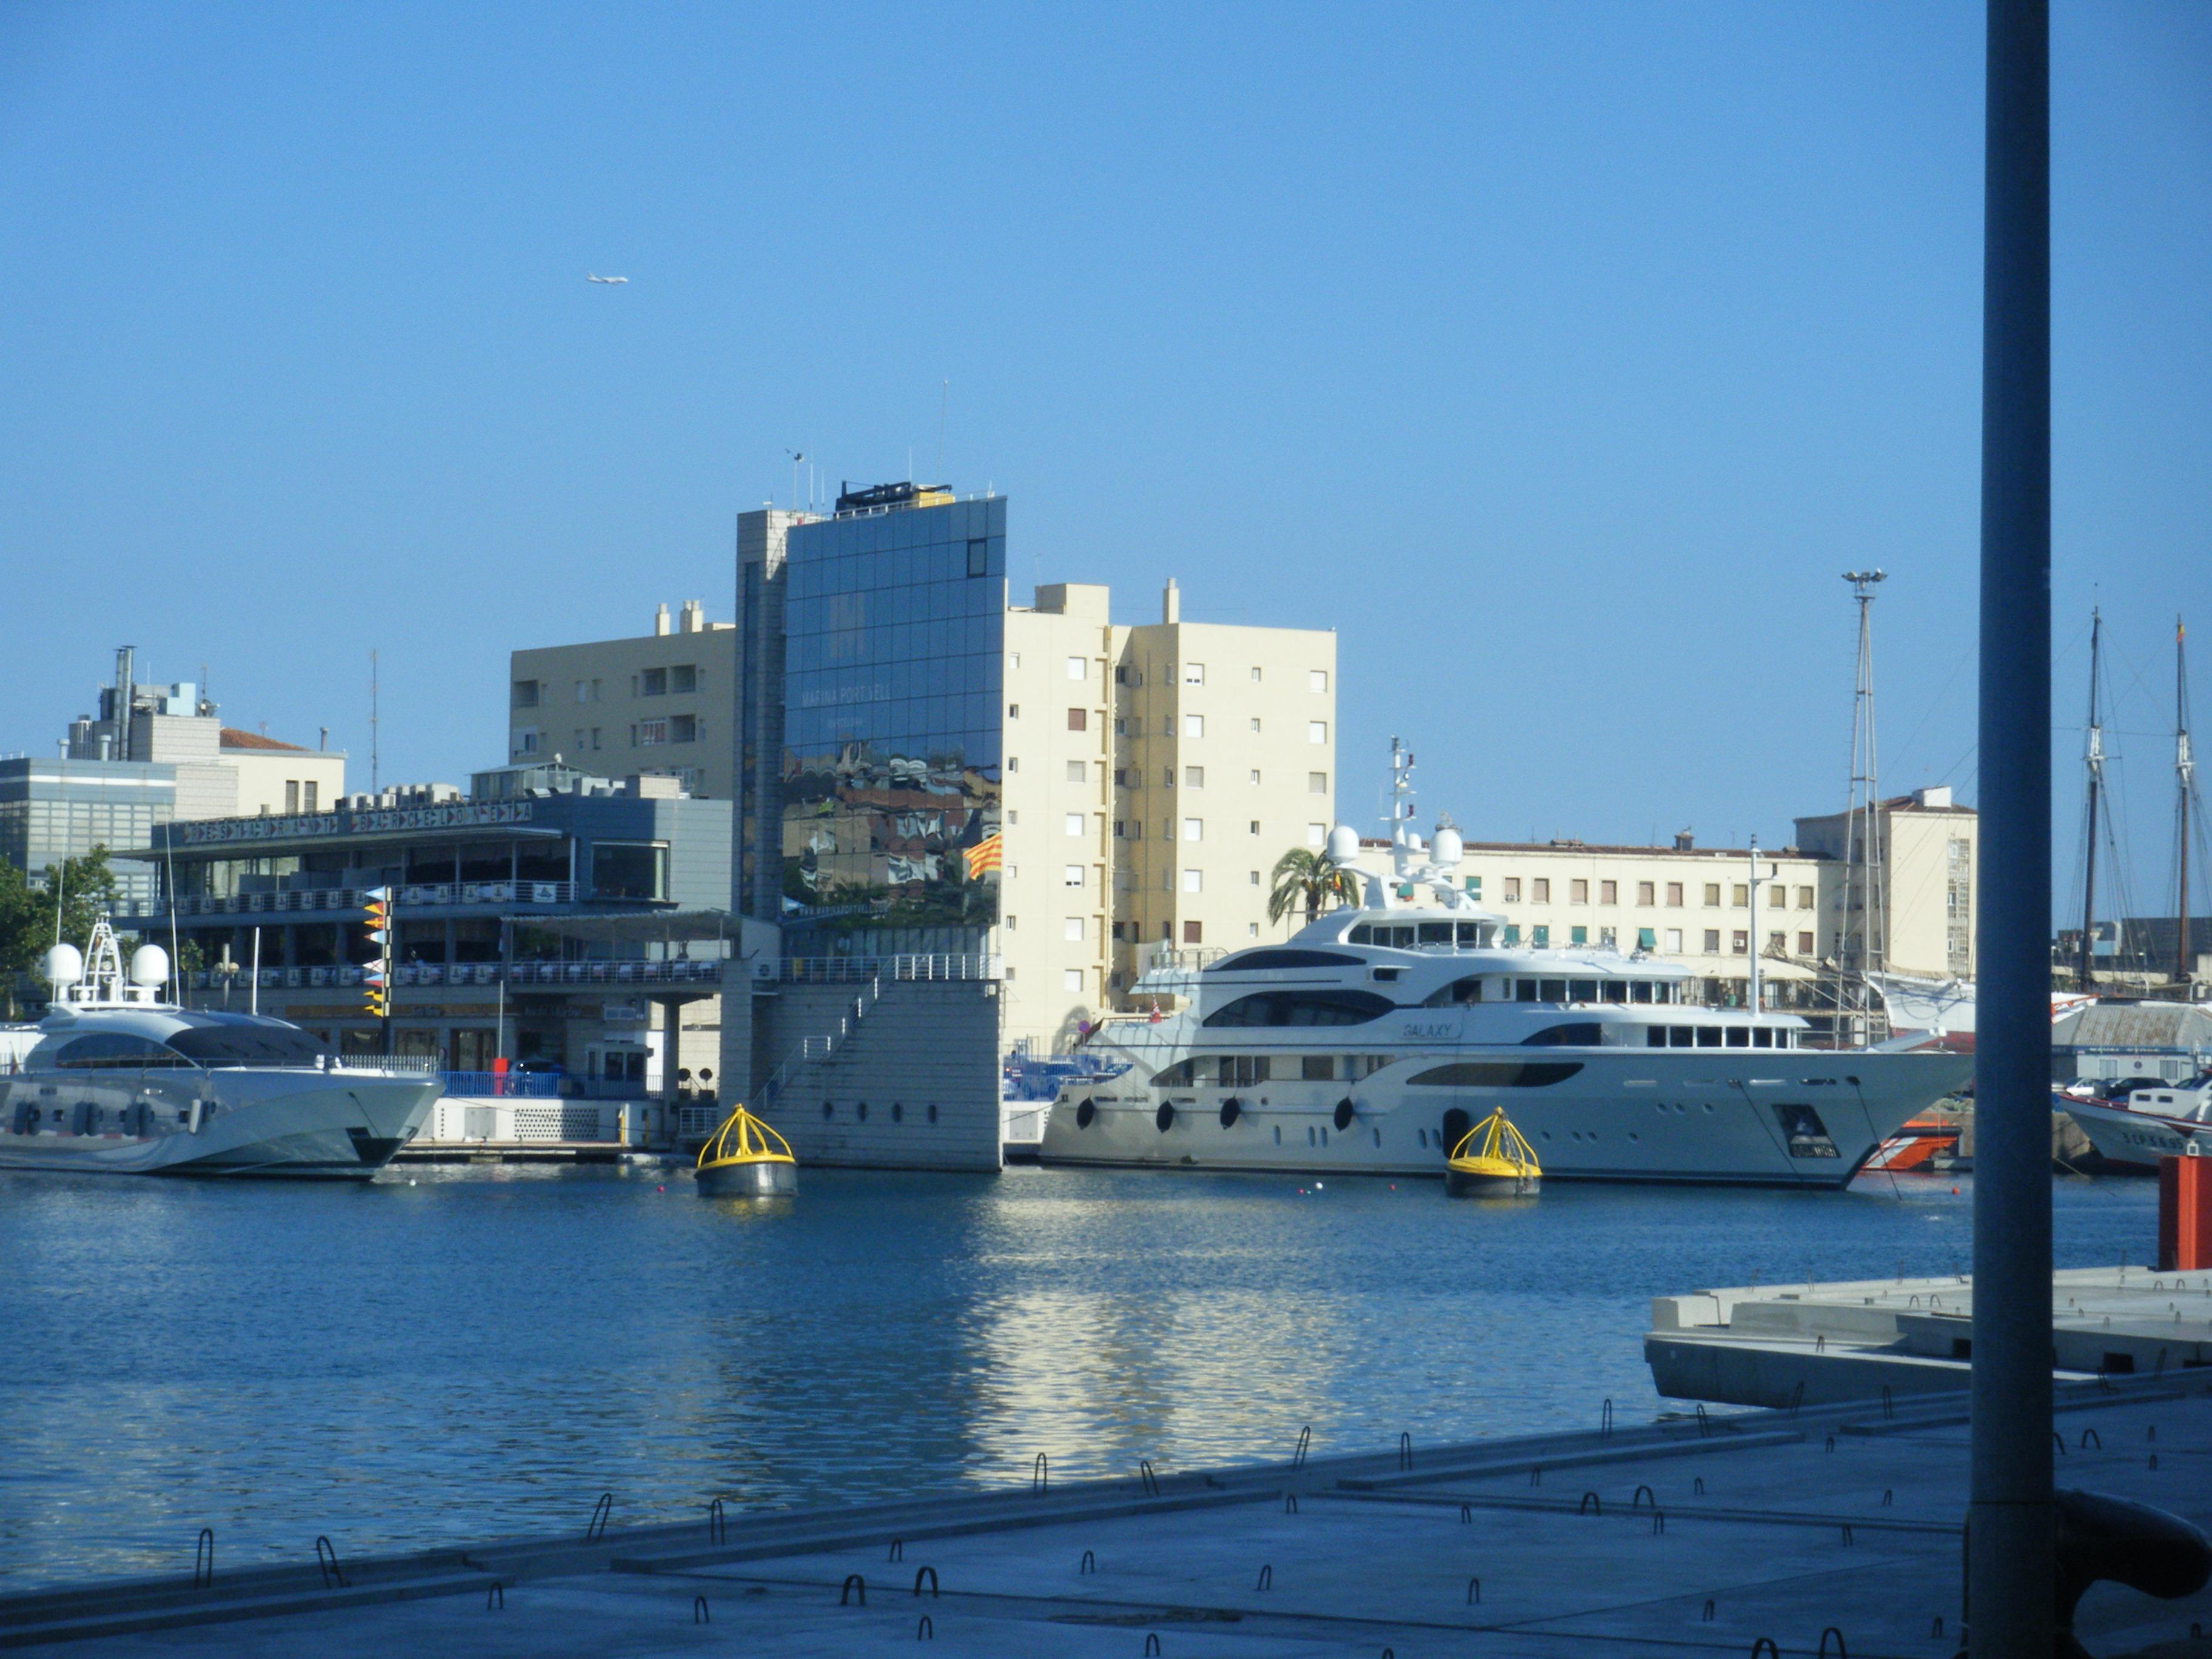 Shooting Star und Galaxy im Hafen von Barcelona, Aufnahmedatum 10.8.13